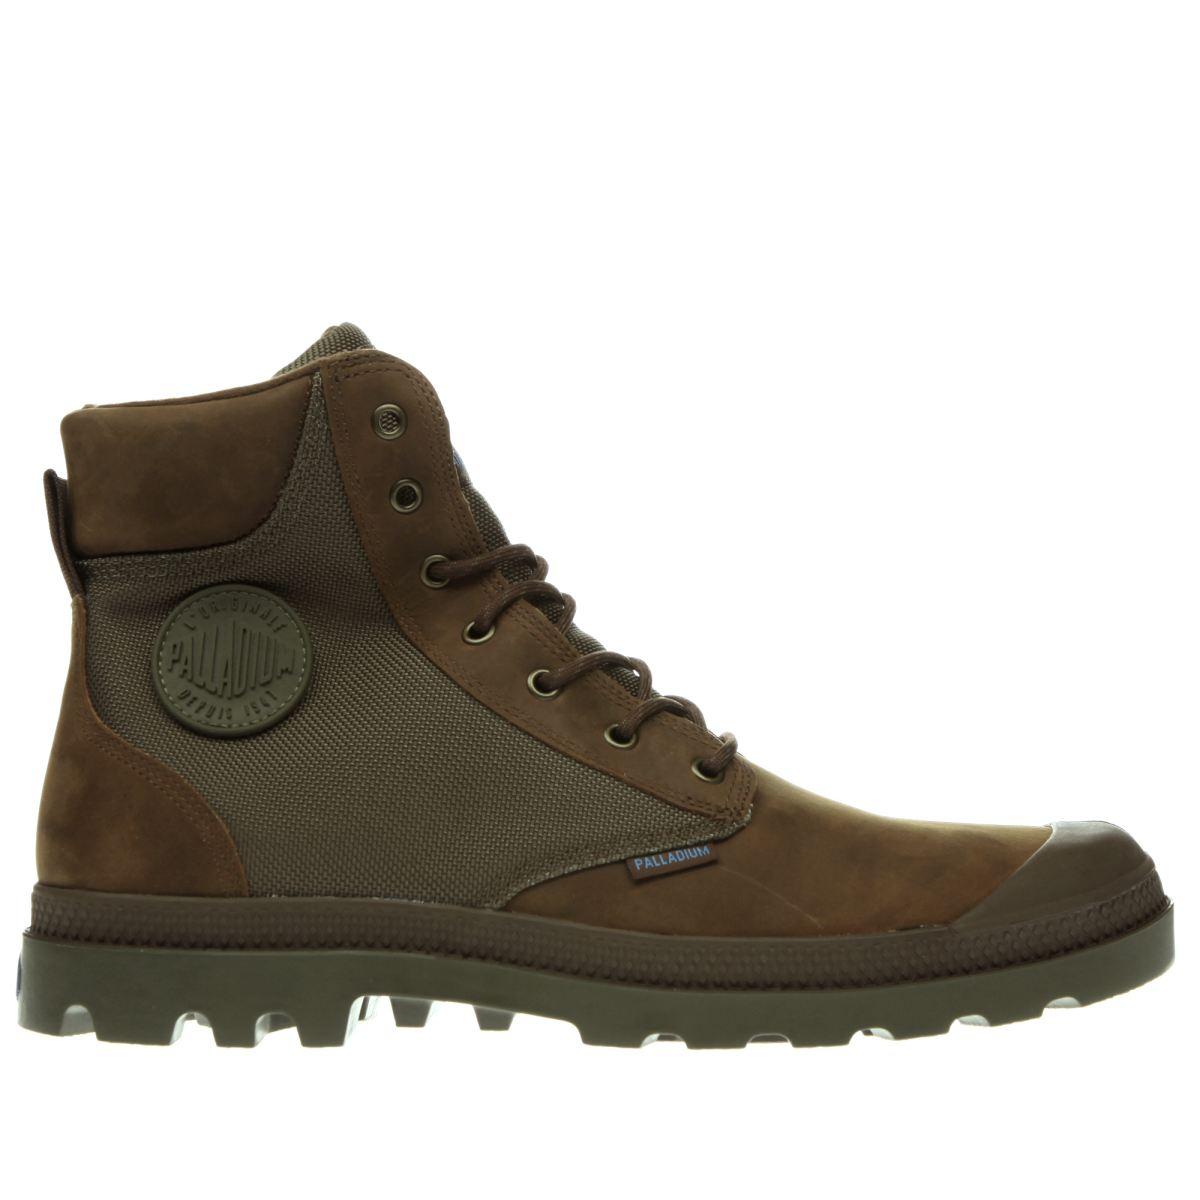 Palladium Palladium Brown Pampa Sport Cuff Boots